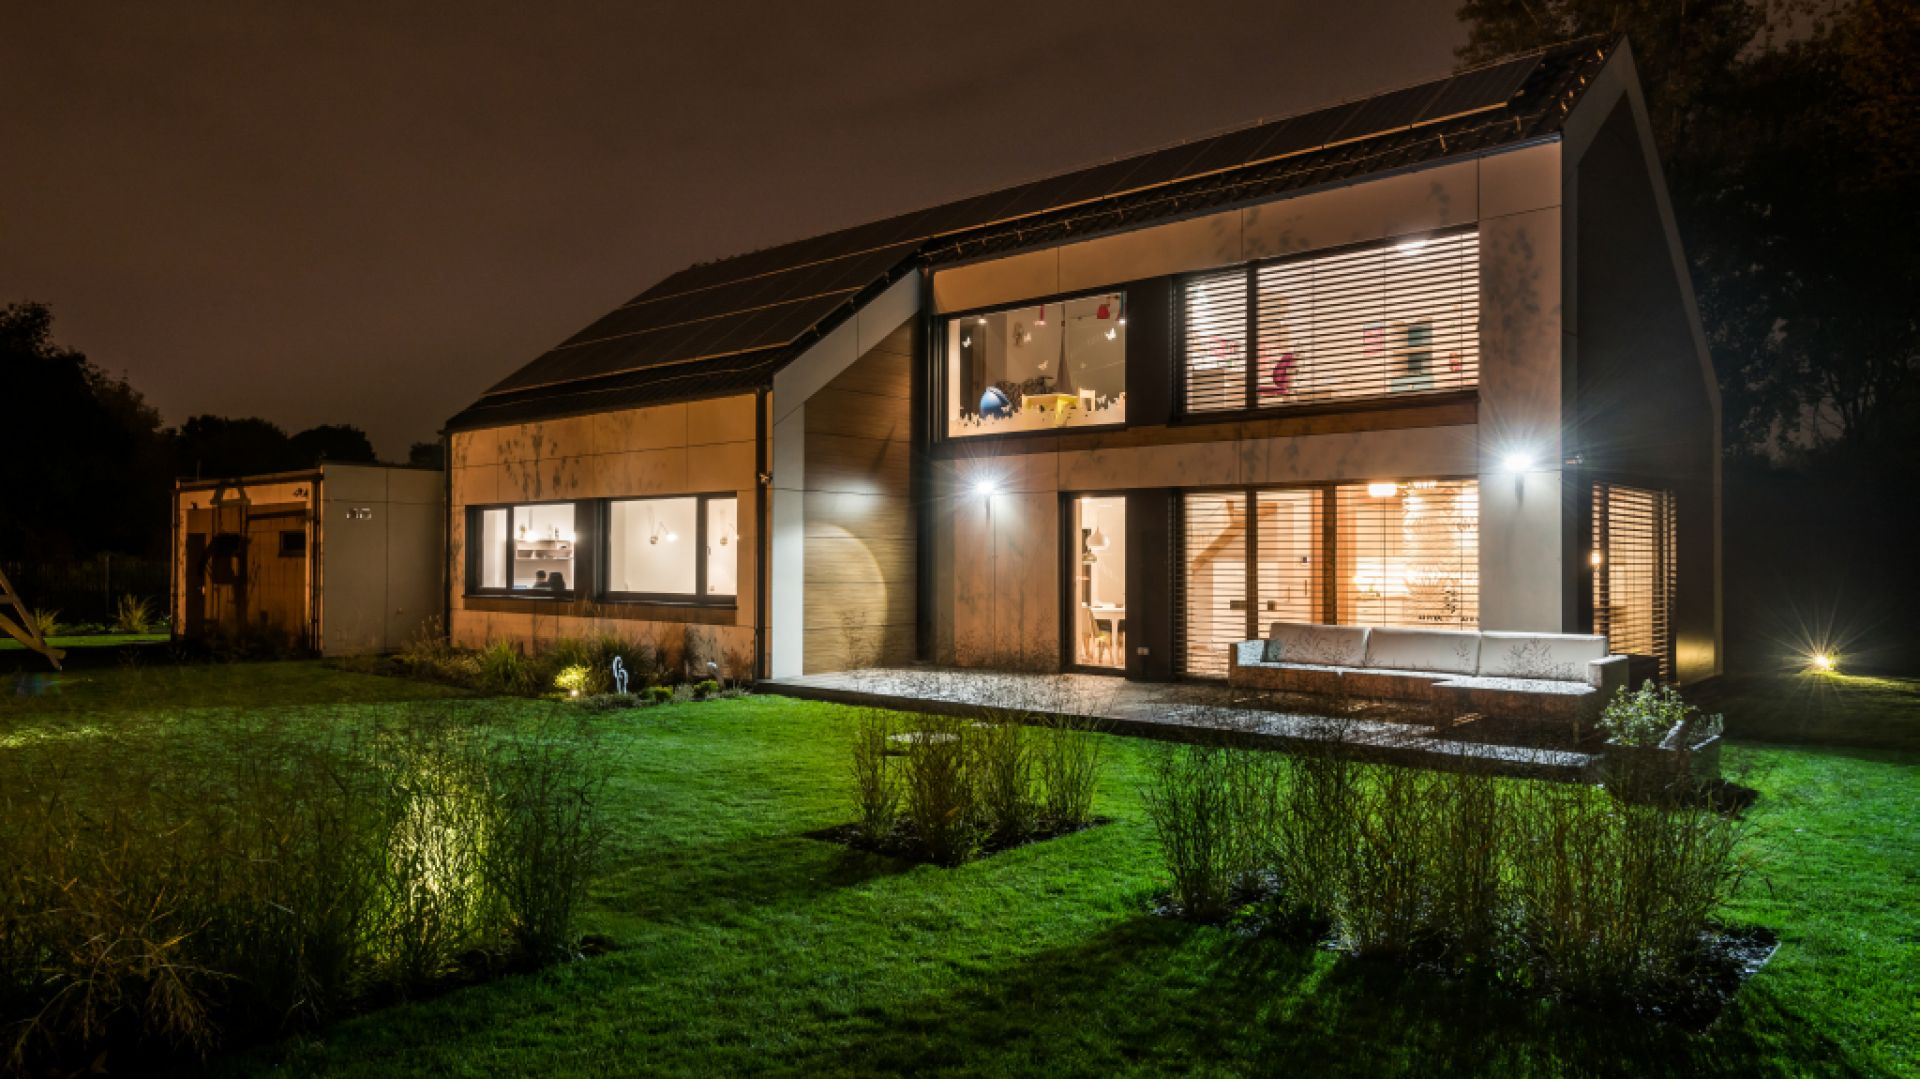 W efekcie w tym domu zapotrzebowanie na energię użytkową – ogrzewanie i wentylację – utrzymuje się na bardzo niskim poziomie Dążąc do większej samowystarczalności, właściciel podłączył do instalacji panele fotowoltaiczne o mocy 9 kW. Fot. Multicomfort, EcoReadyHouse